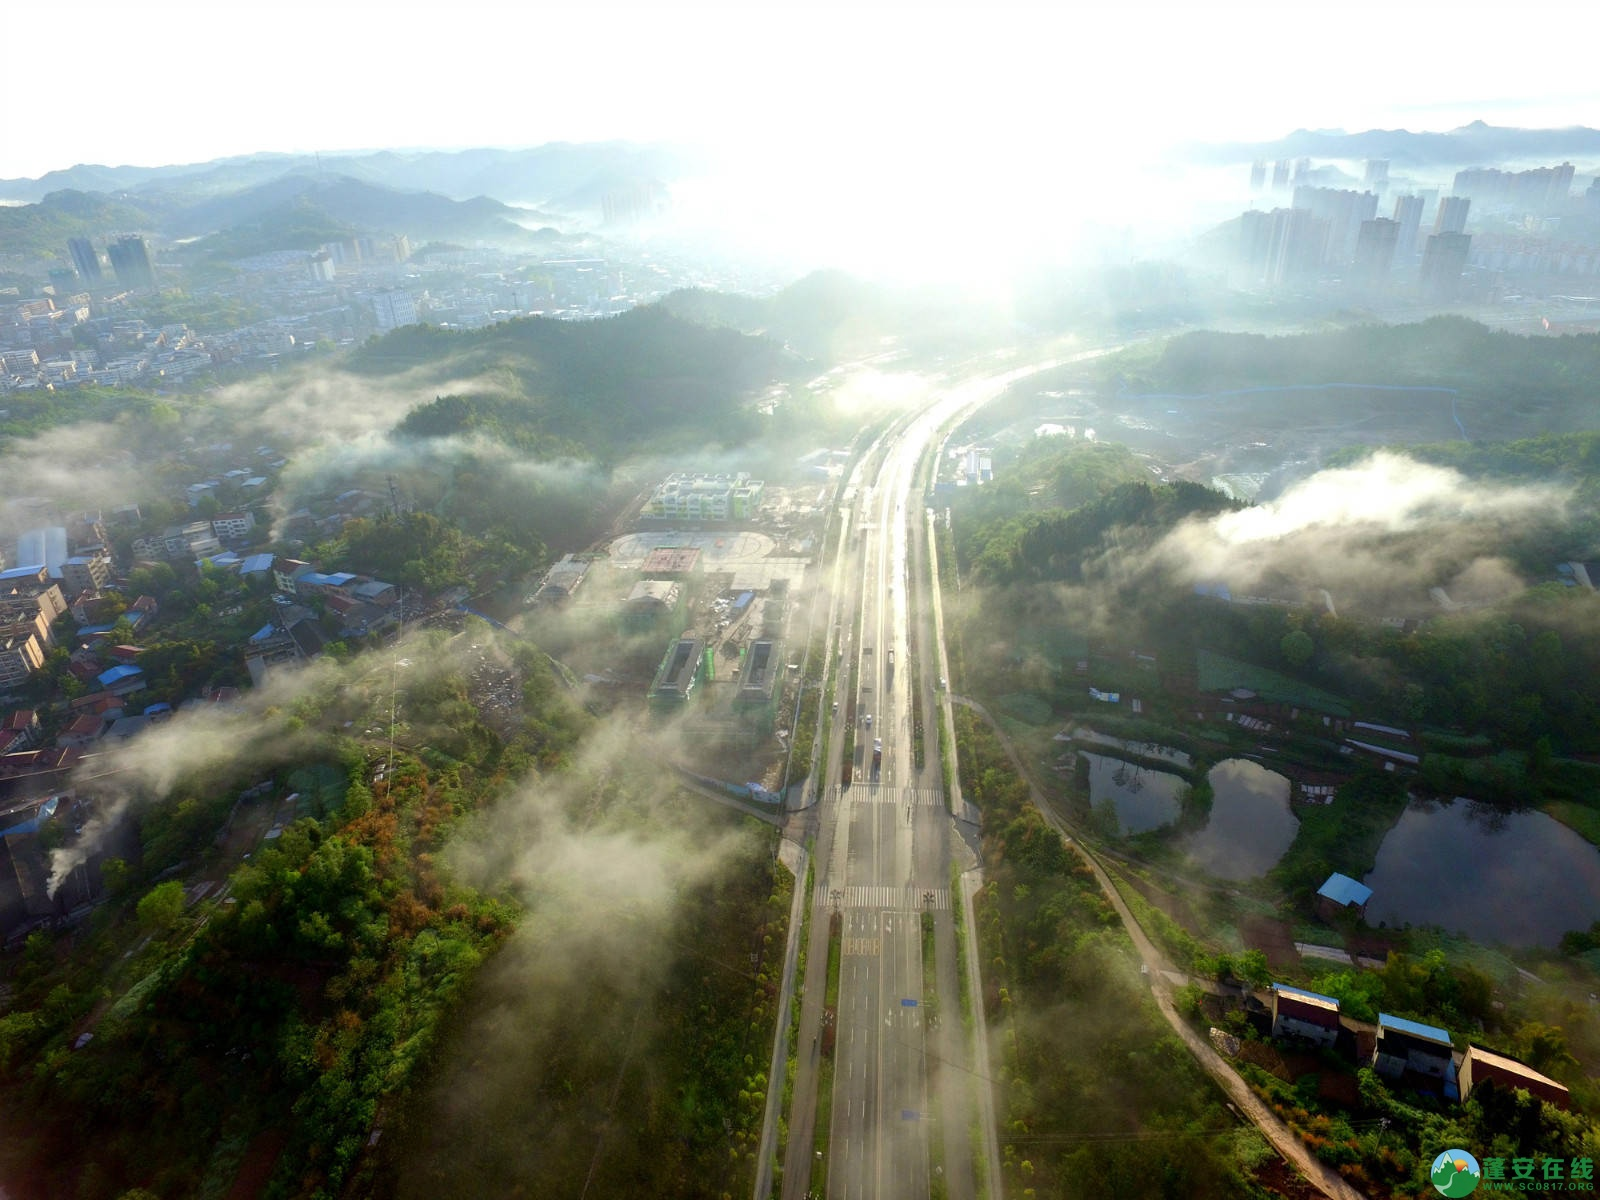 雾境蓬安 - 第27张  | 蓬安在线